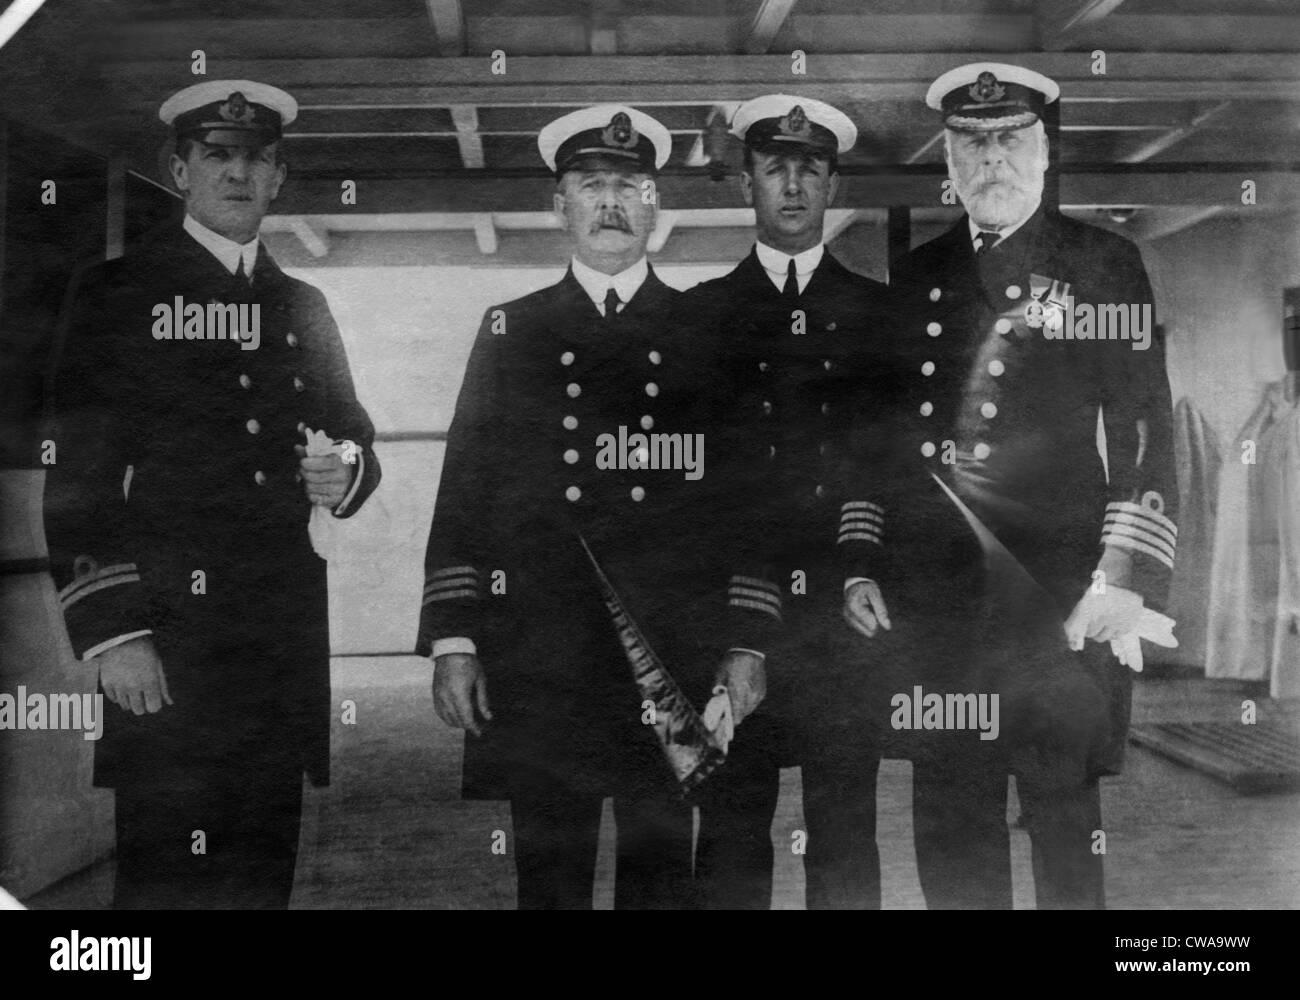 Il capitano Edward Smith (destra), del RMS Titanic, che affondò dopo un urto contro un iceberg, 1912. La cortesia: Immagini Stock